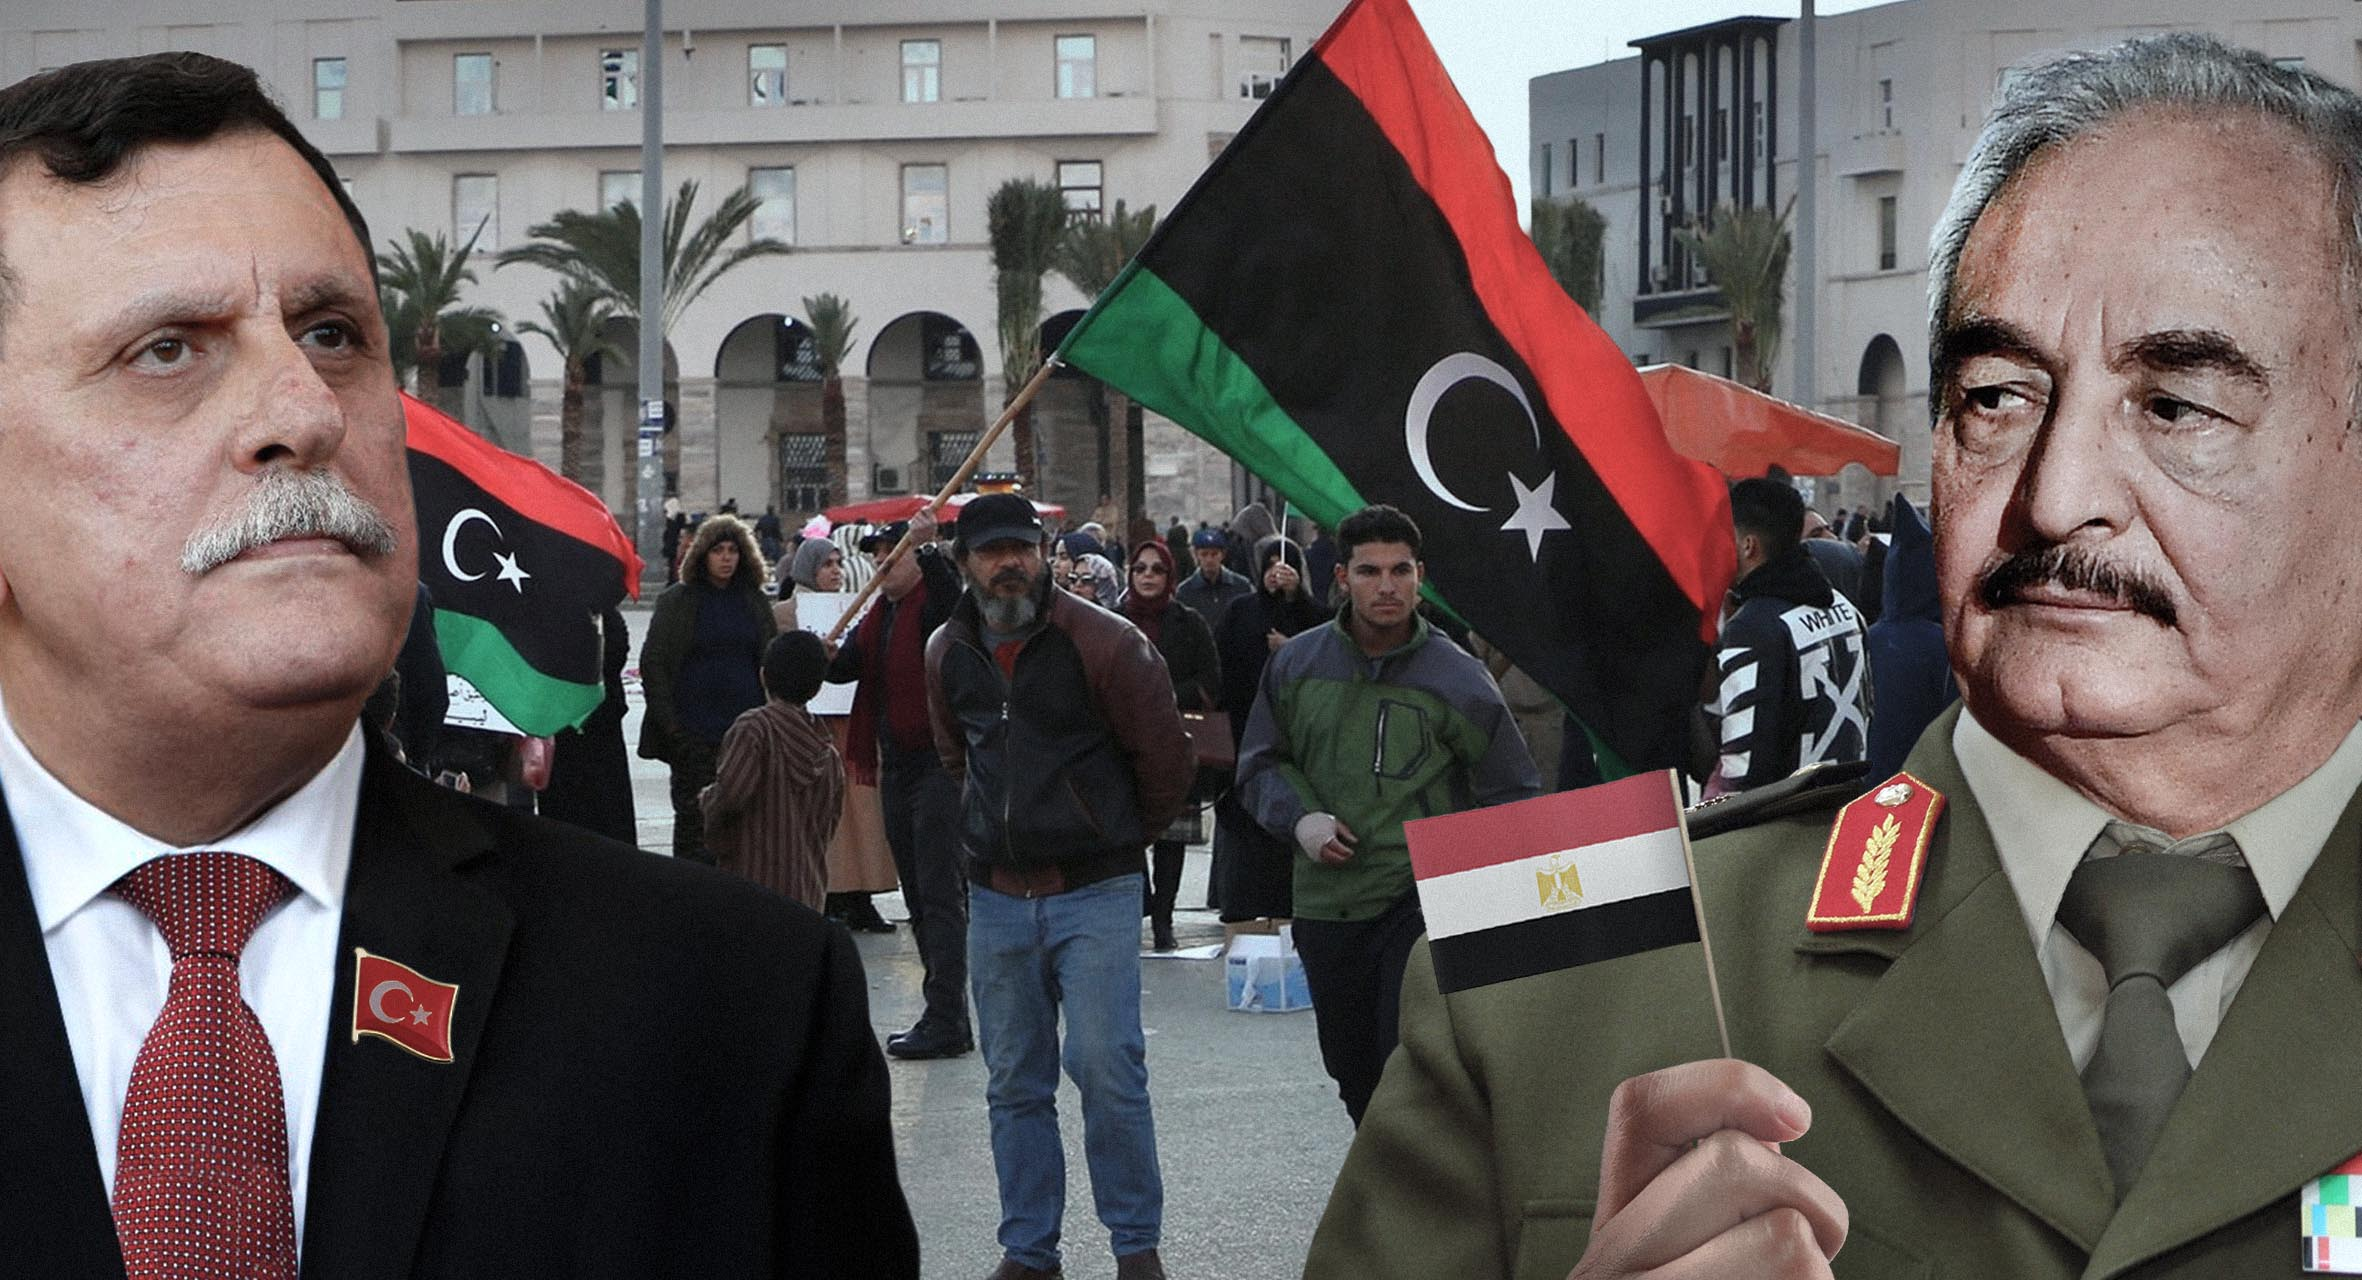 صورة السراج يفوّض تركيا وحفتر يفوّض مصر والليبيون يفوّضون أمرهم لله